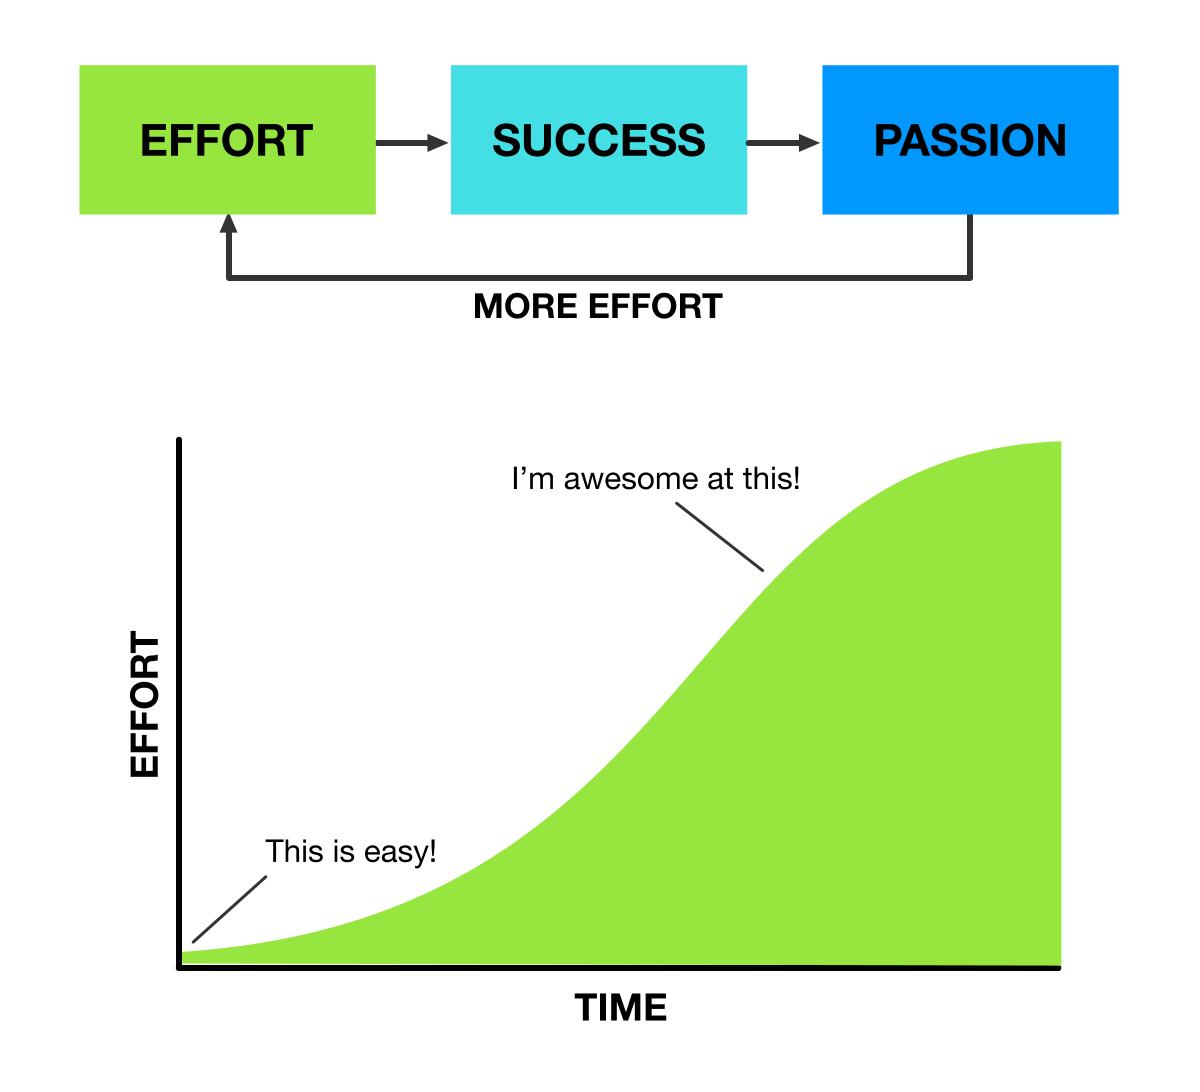 對工作與生活都失去熱情? 3 個方法讓你重新找回人生目標 | 生活. 工作